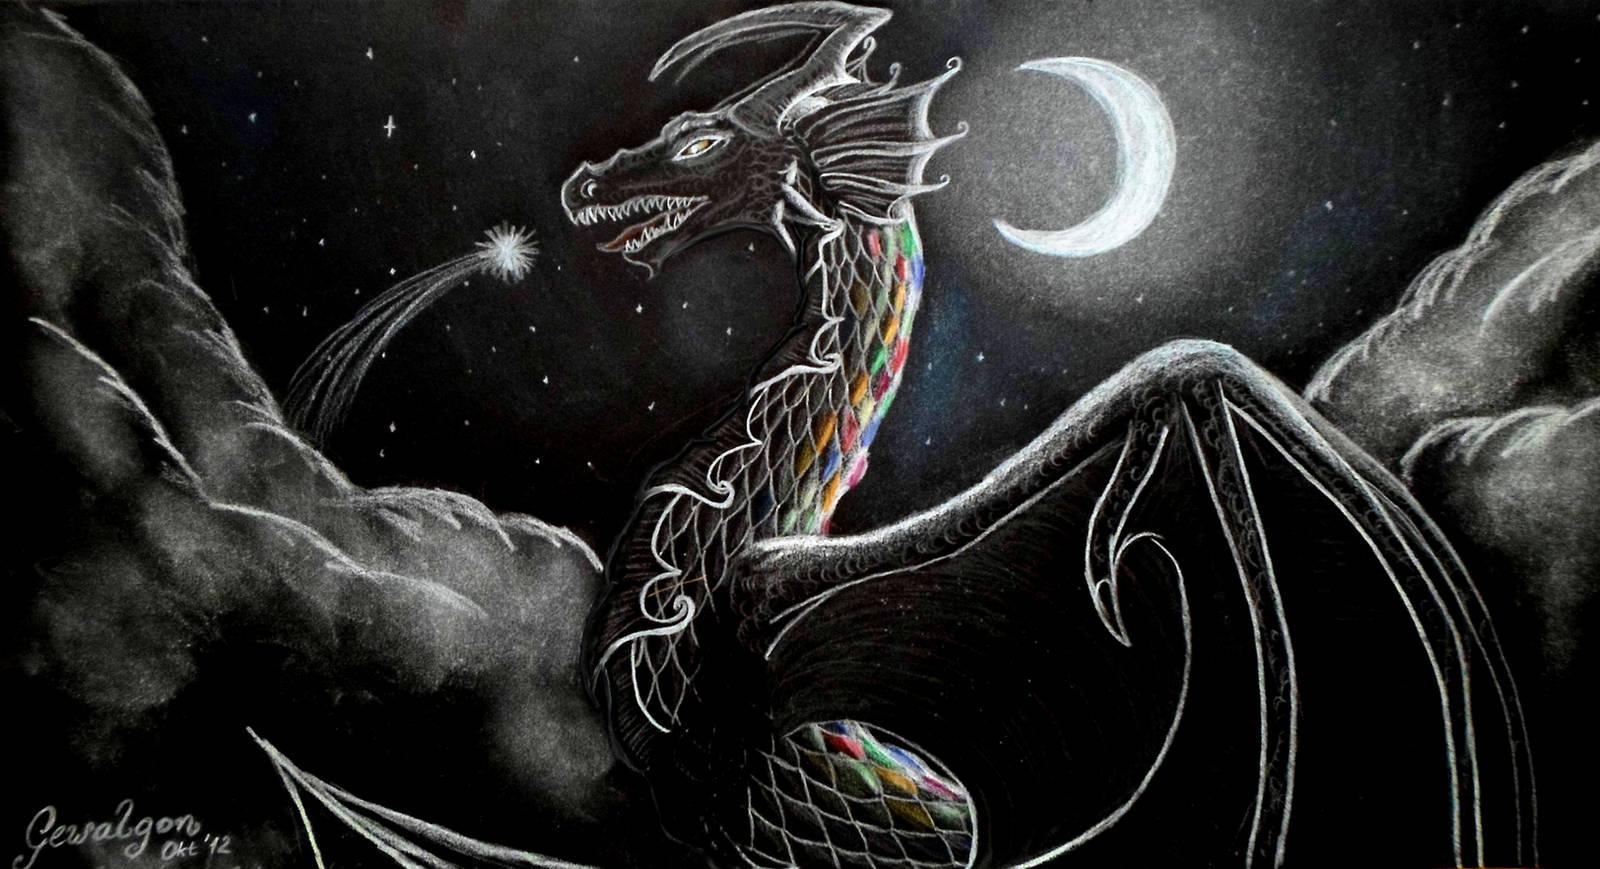 Rainbow Dragon - Wish you something! by Gewalgon